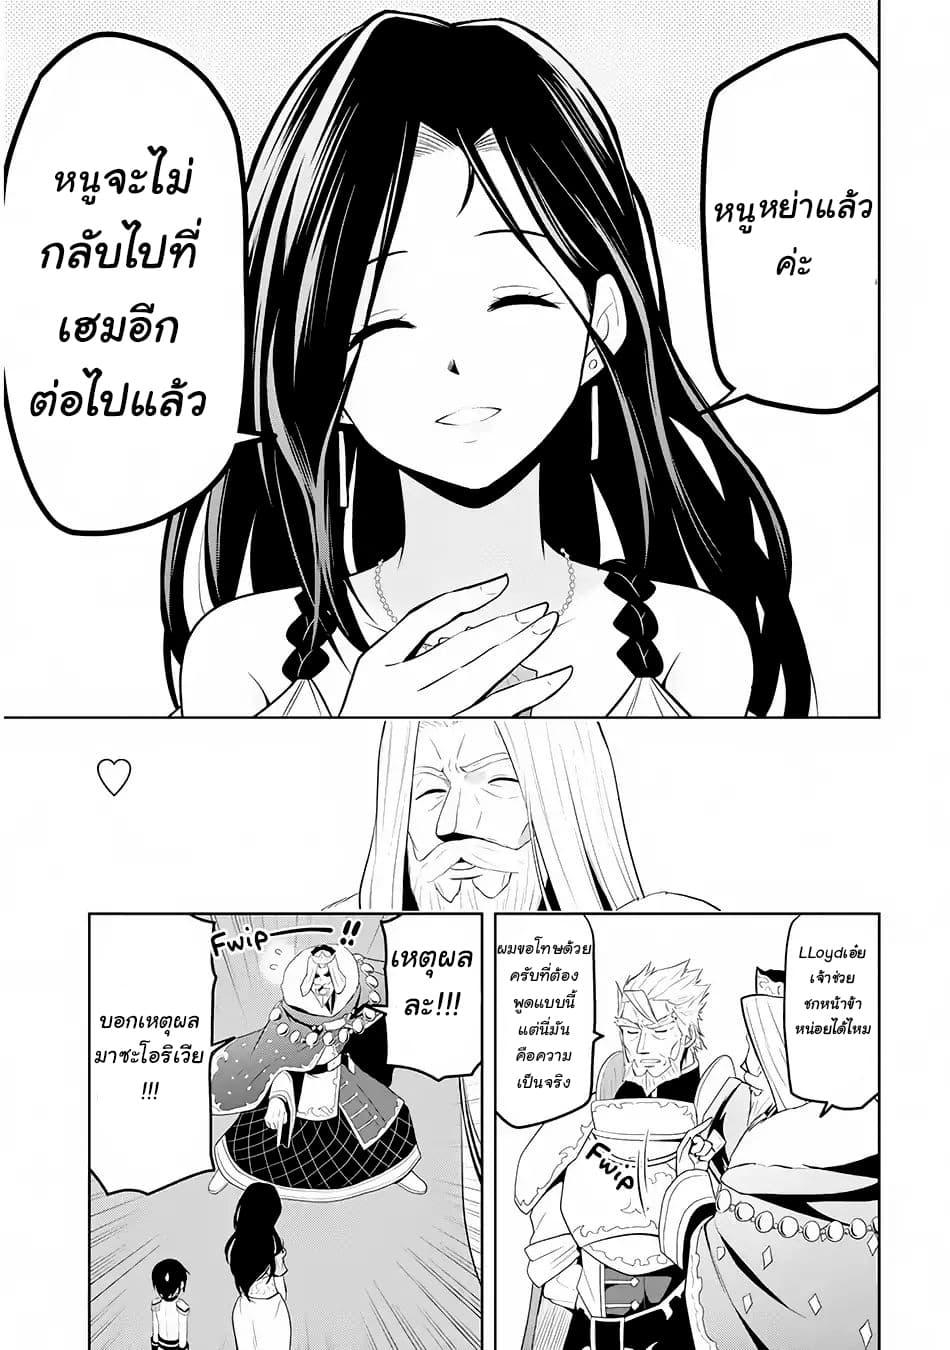 อ่านการ์ตูน Maseki Gurume Mamono no Chikara o Tabeta Ore wa Saikyou! ตอนที่ 4 หน้าที่ 5